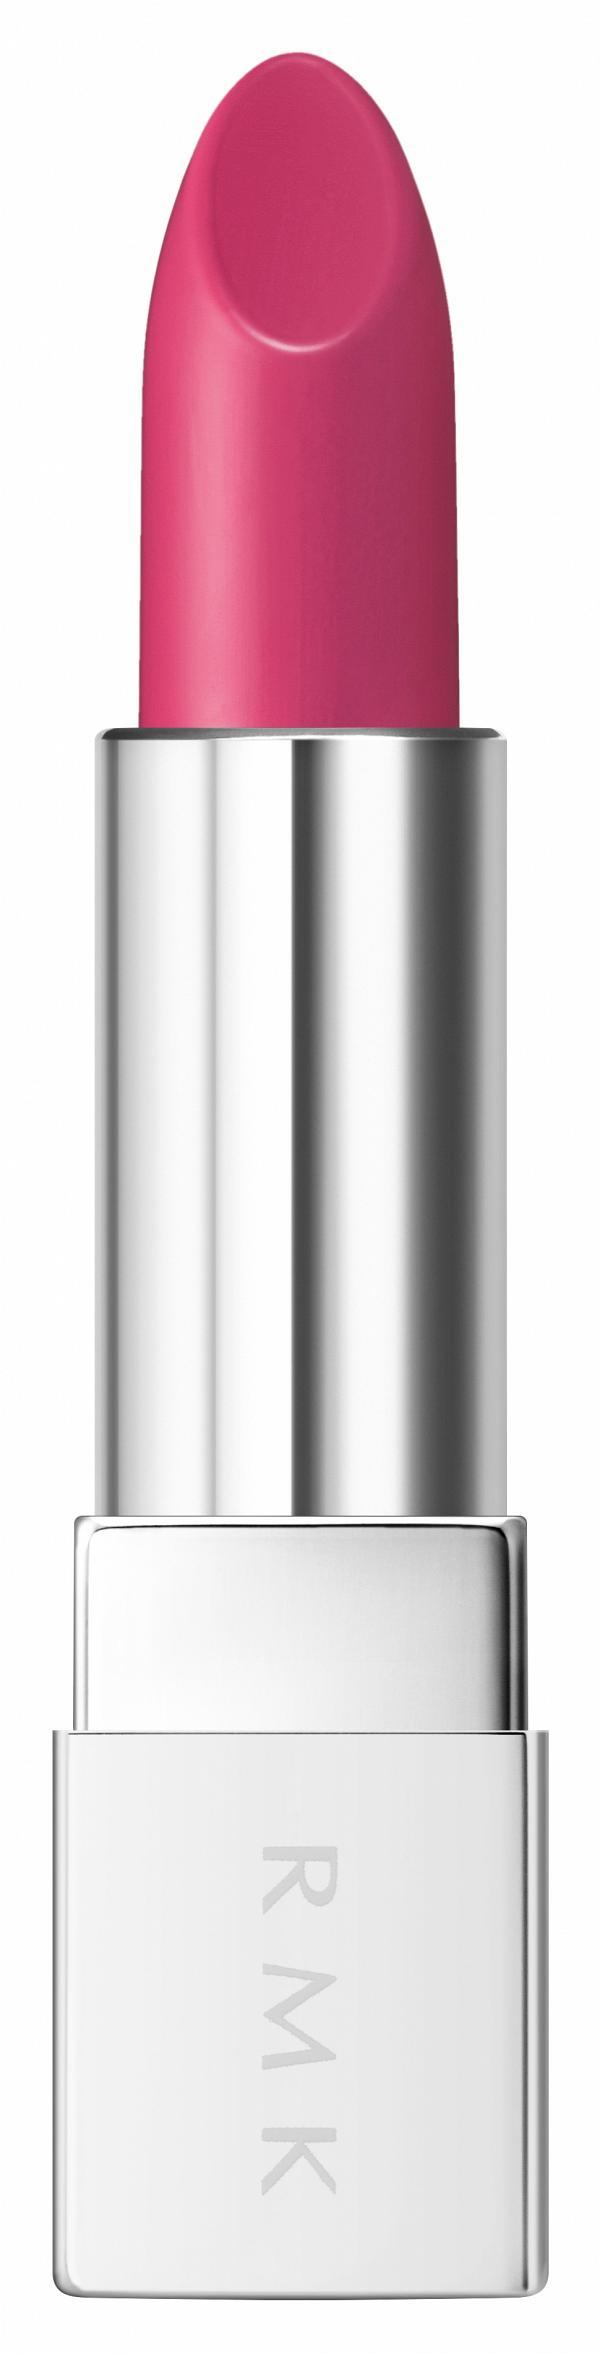 RMK 指定唇膏 $130 (限量200枝)